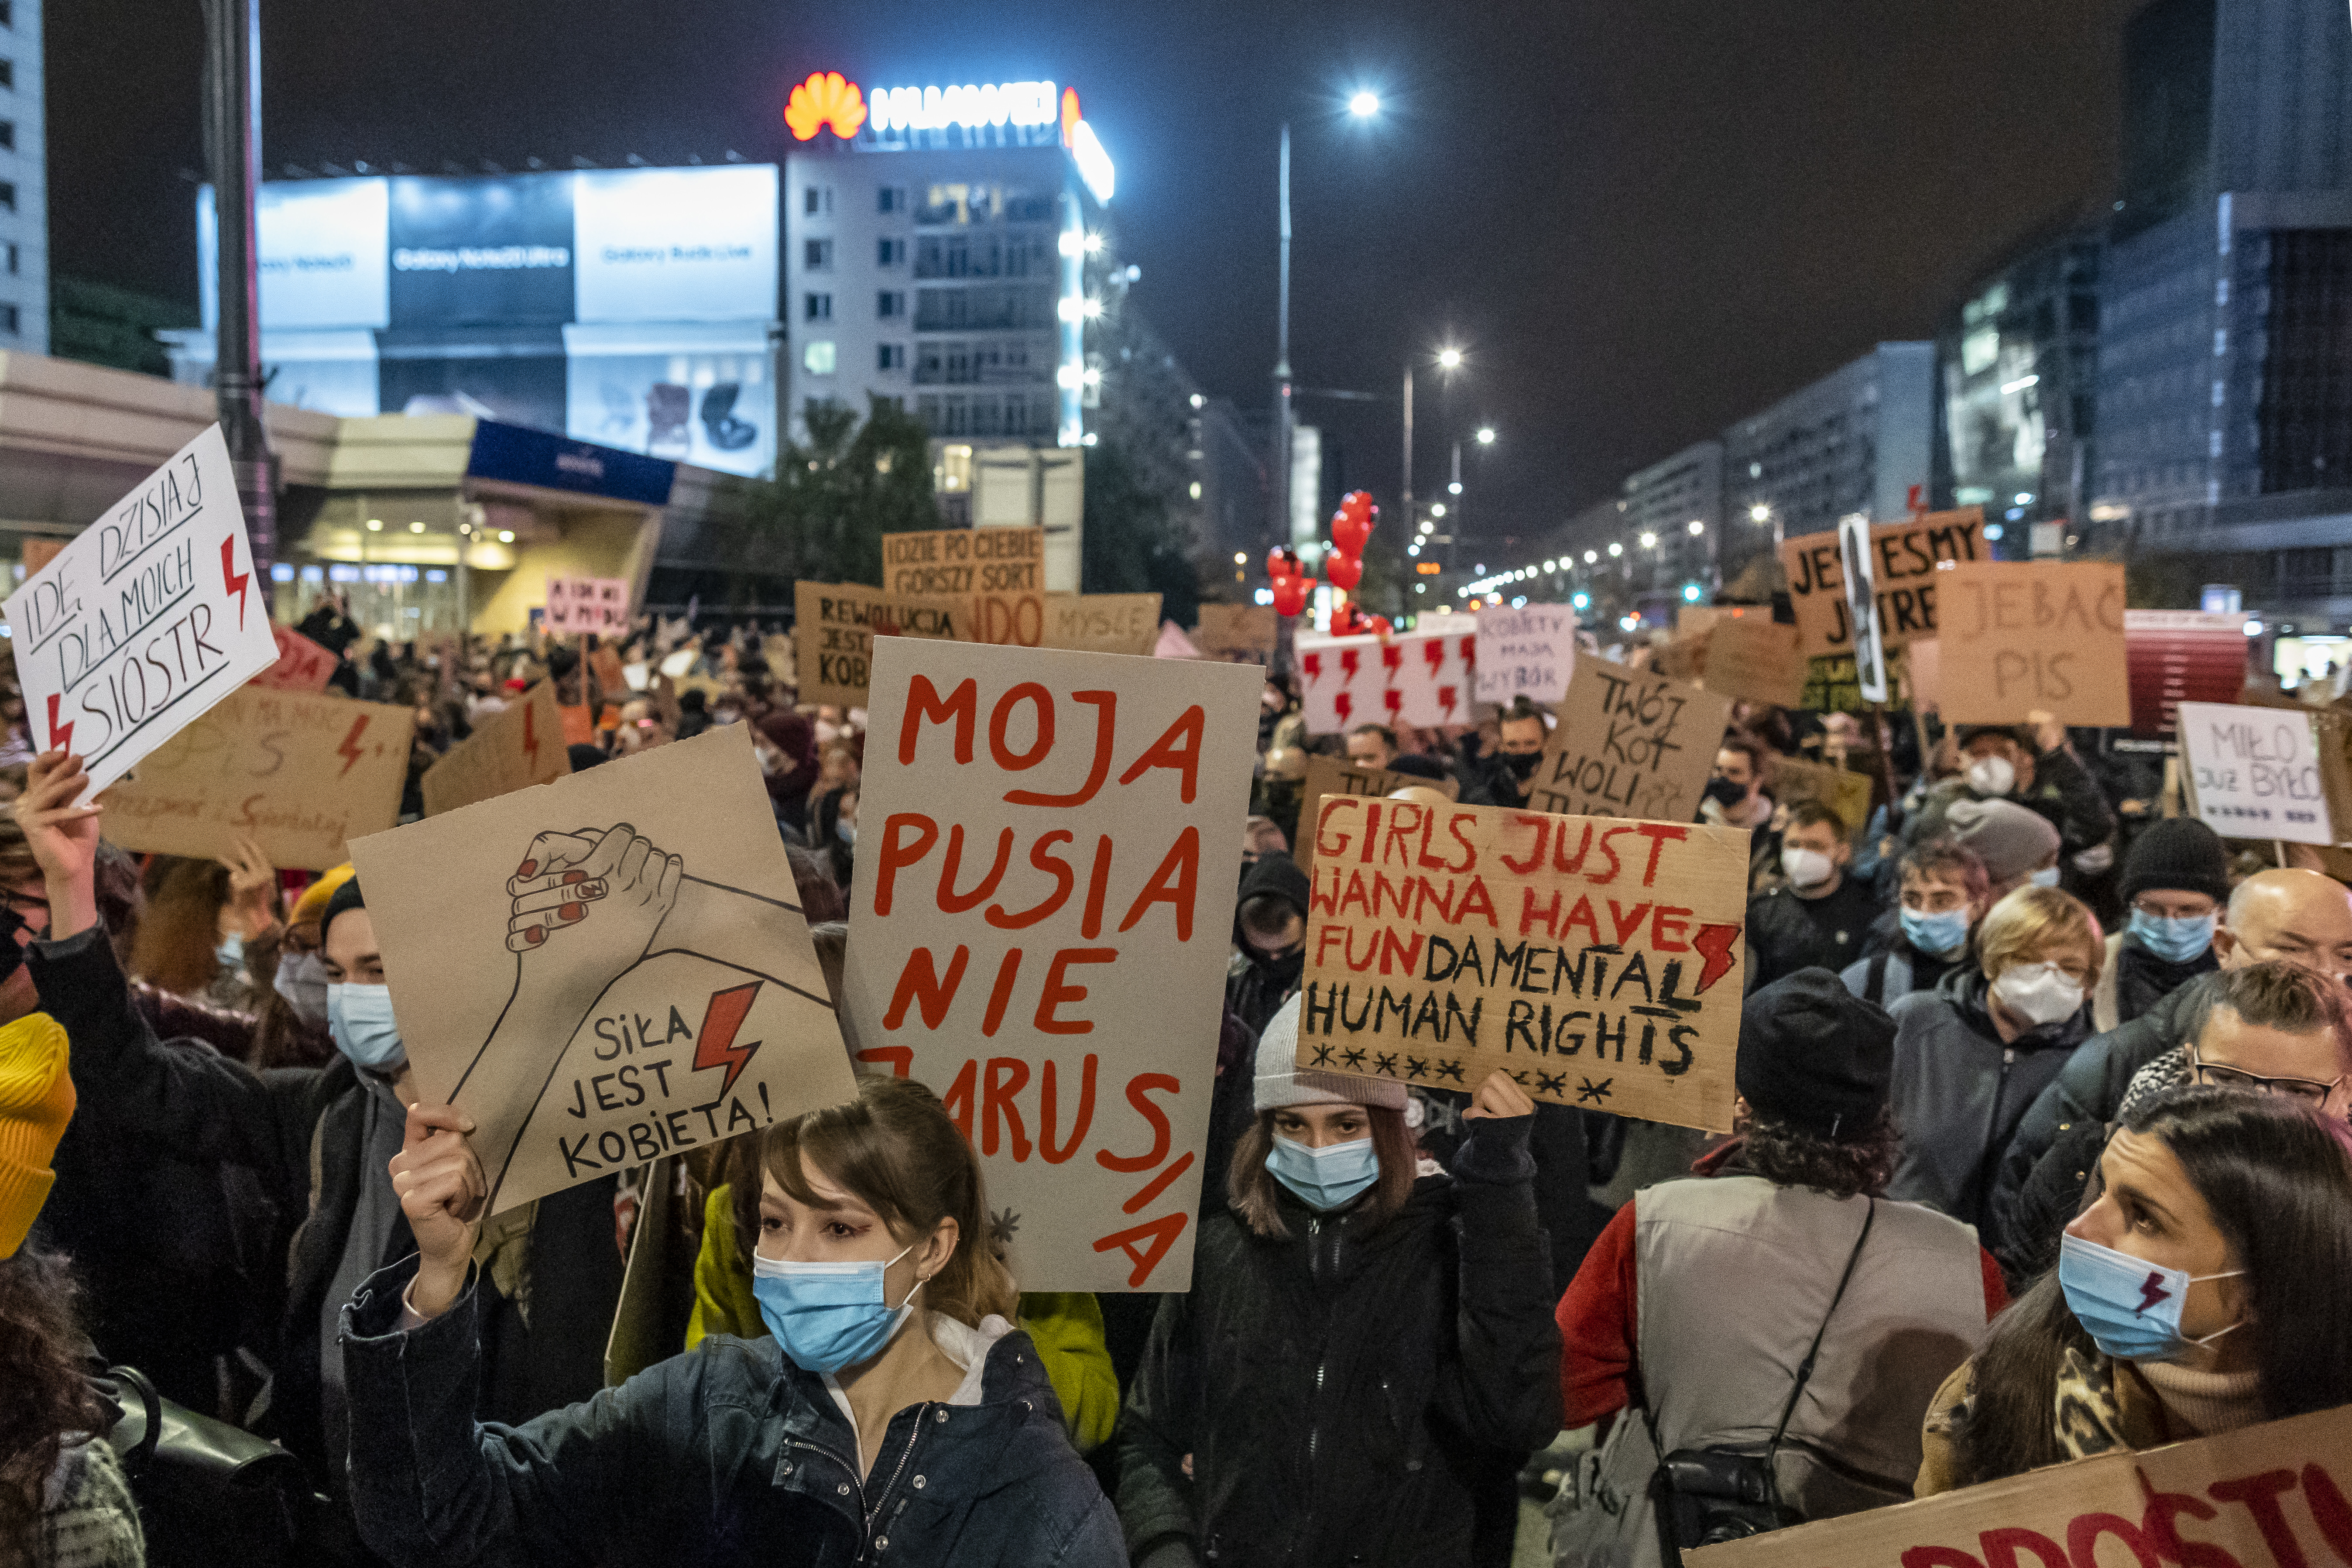 Rettegő nők és orvosok, külföldi abortuszutak: ez a helyzet Lengyelországban az abortusztörvény hatályba lépése óta